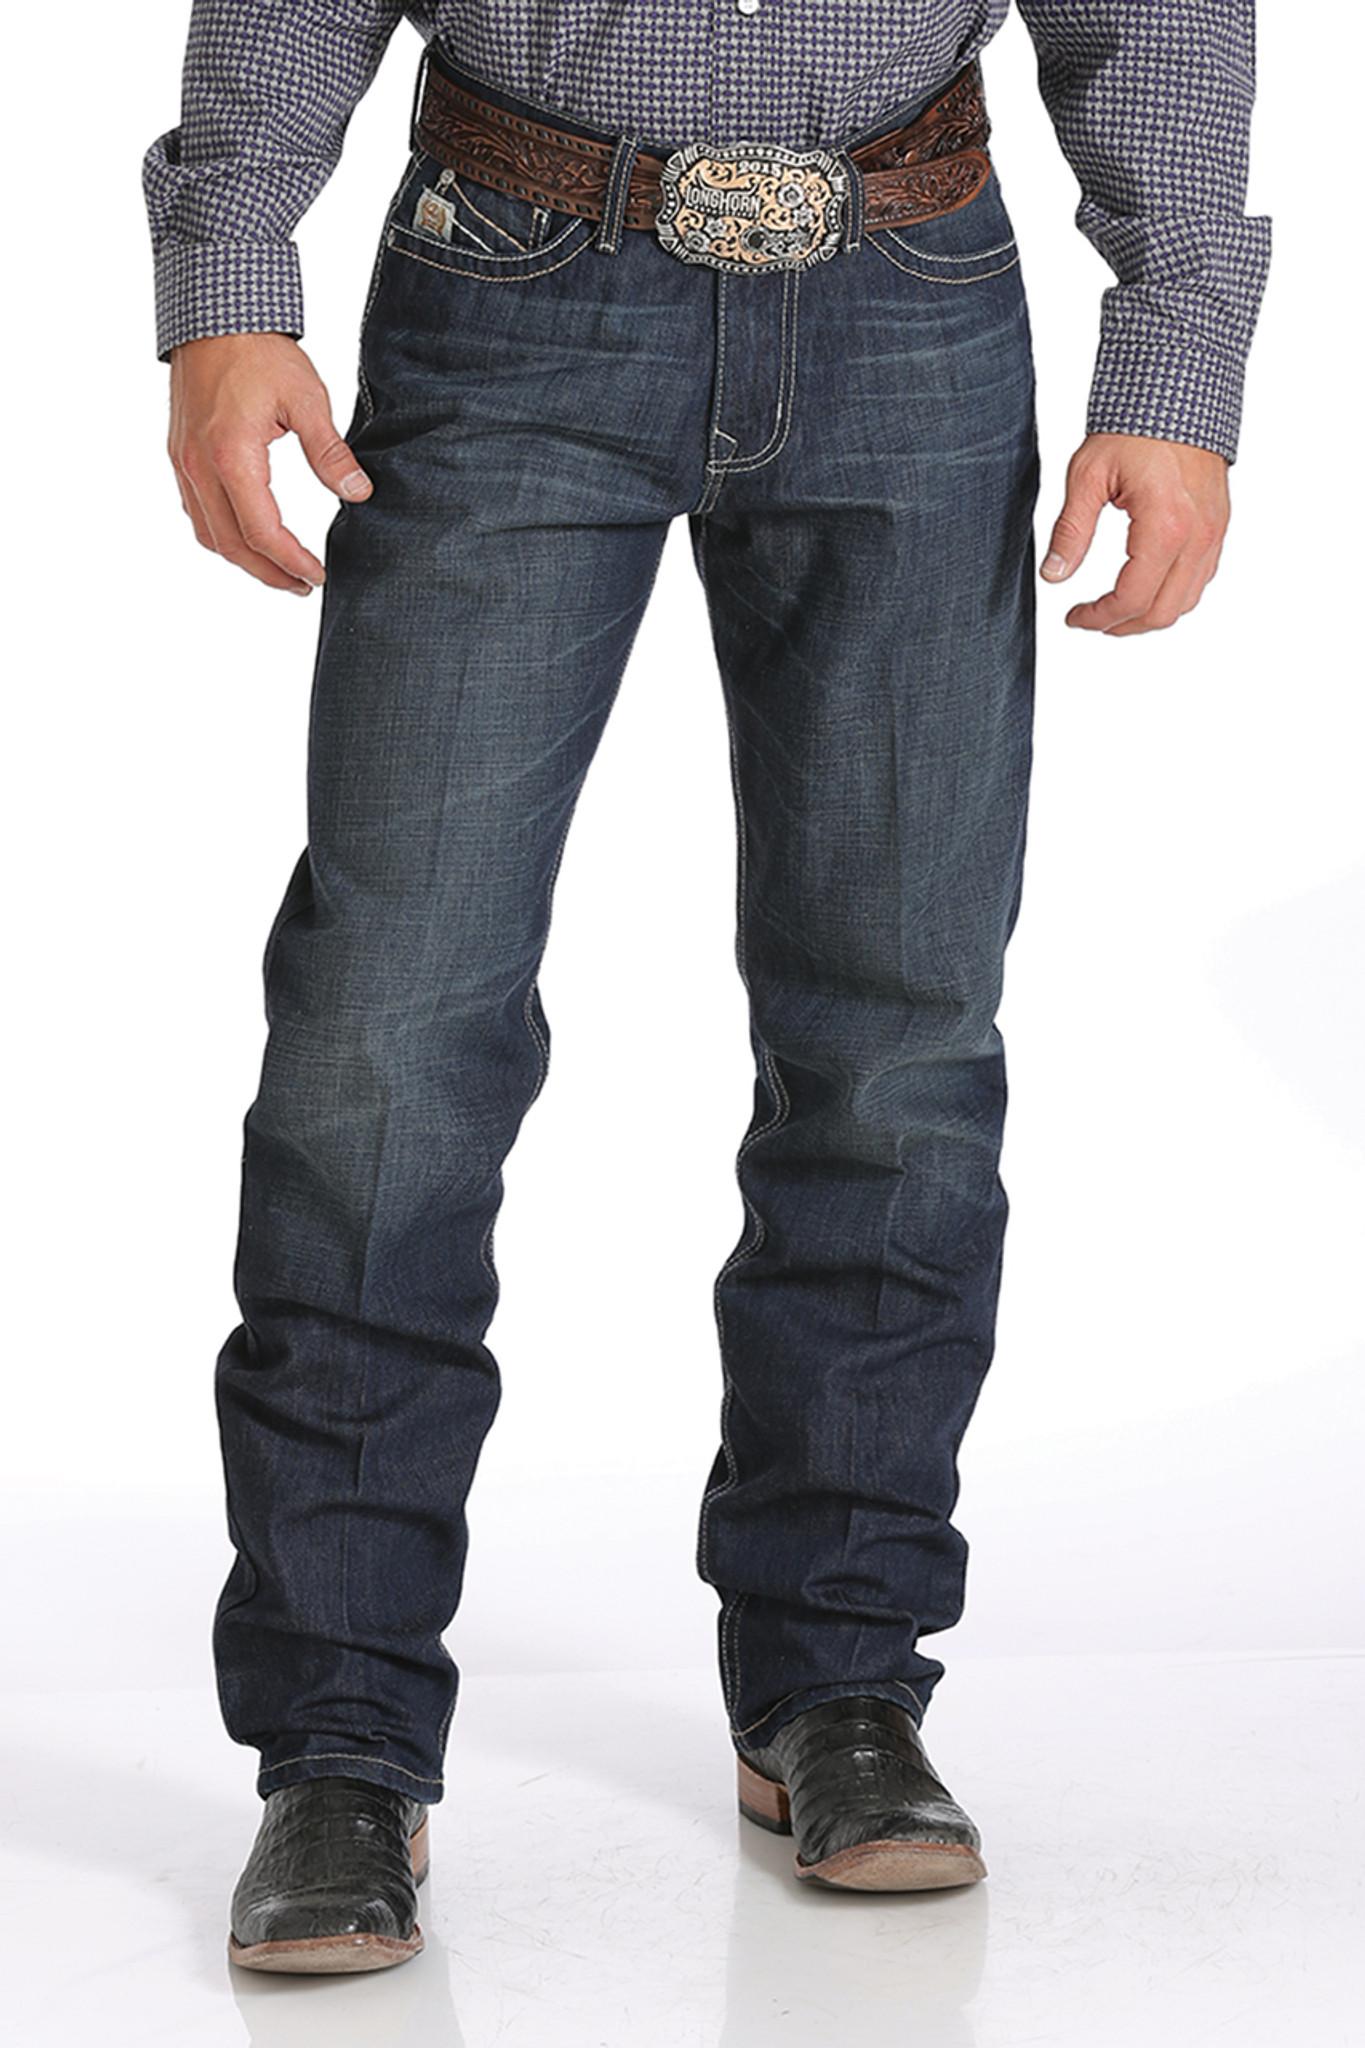 5a2bc0d2b6 Men s Cinch Jeans